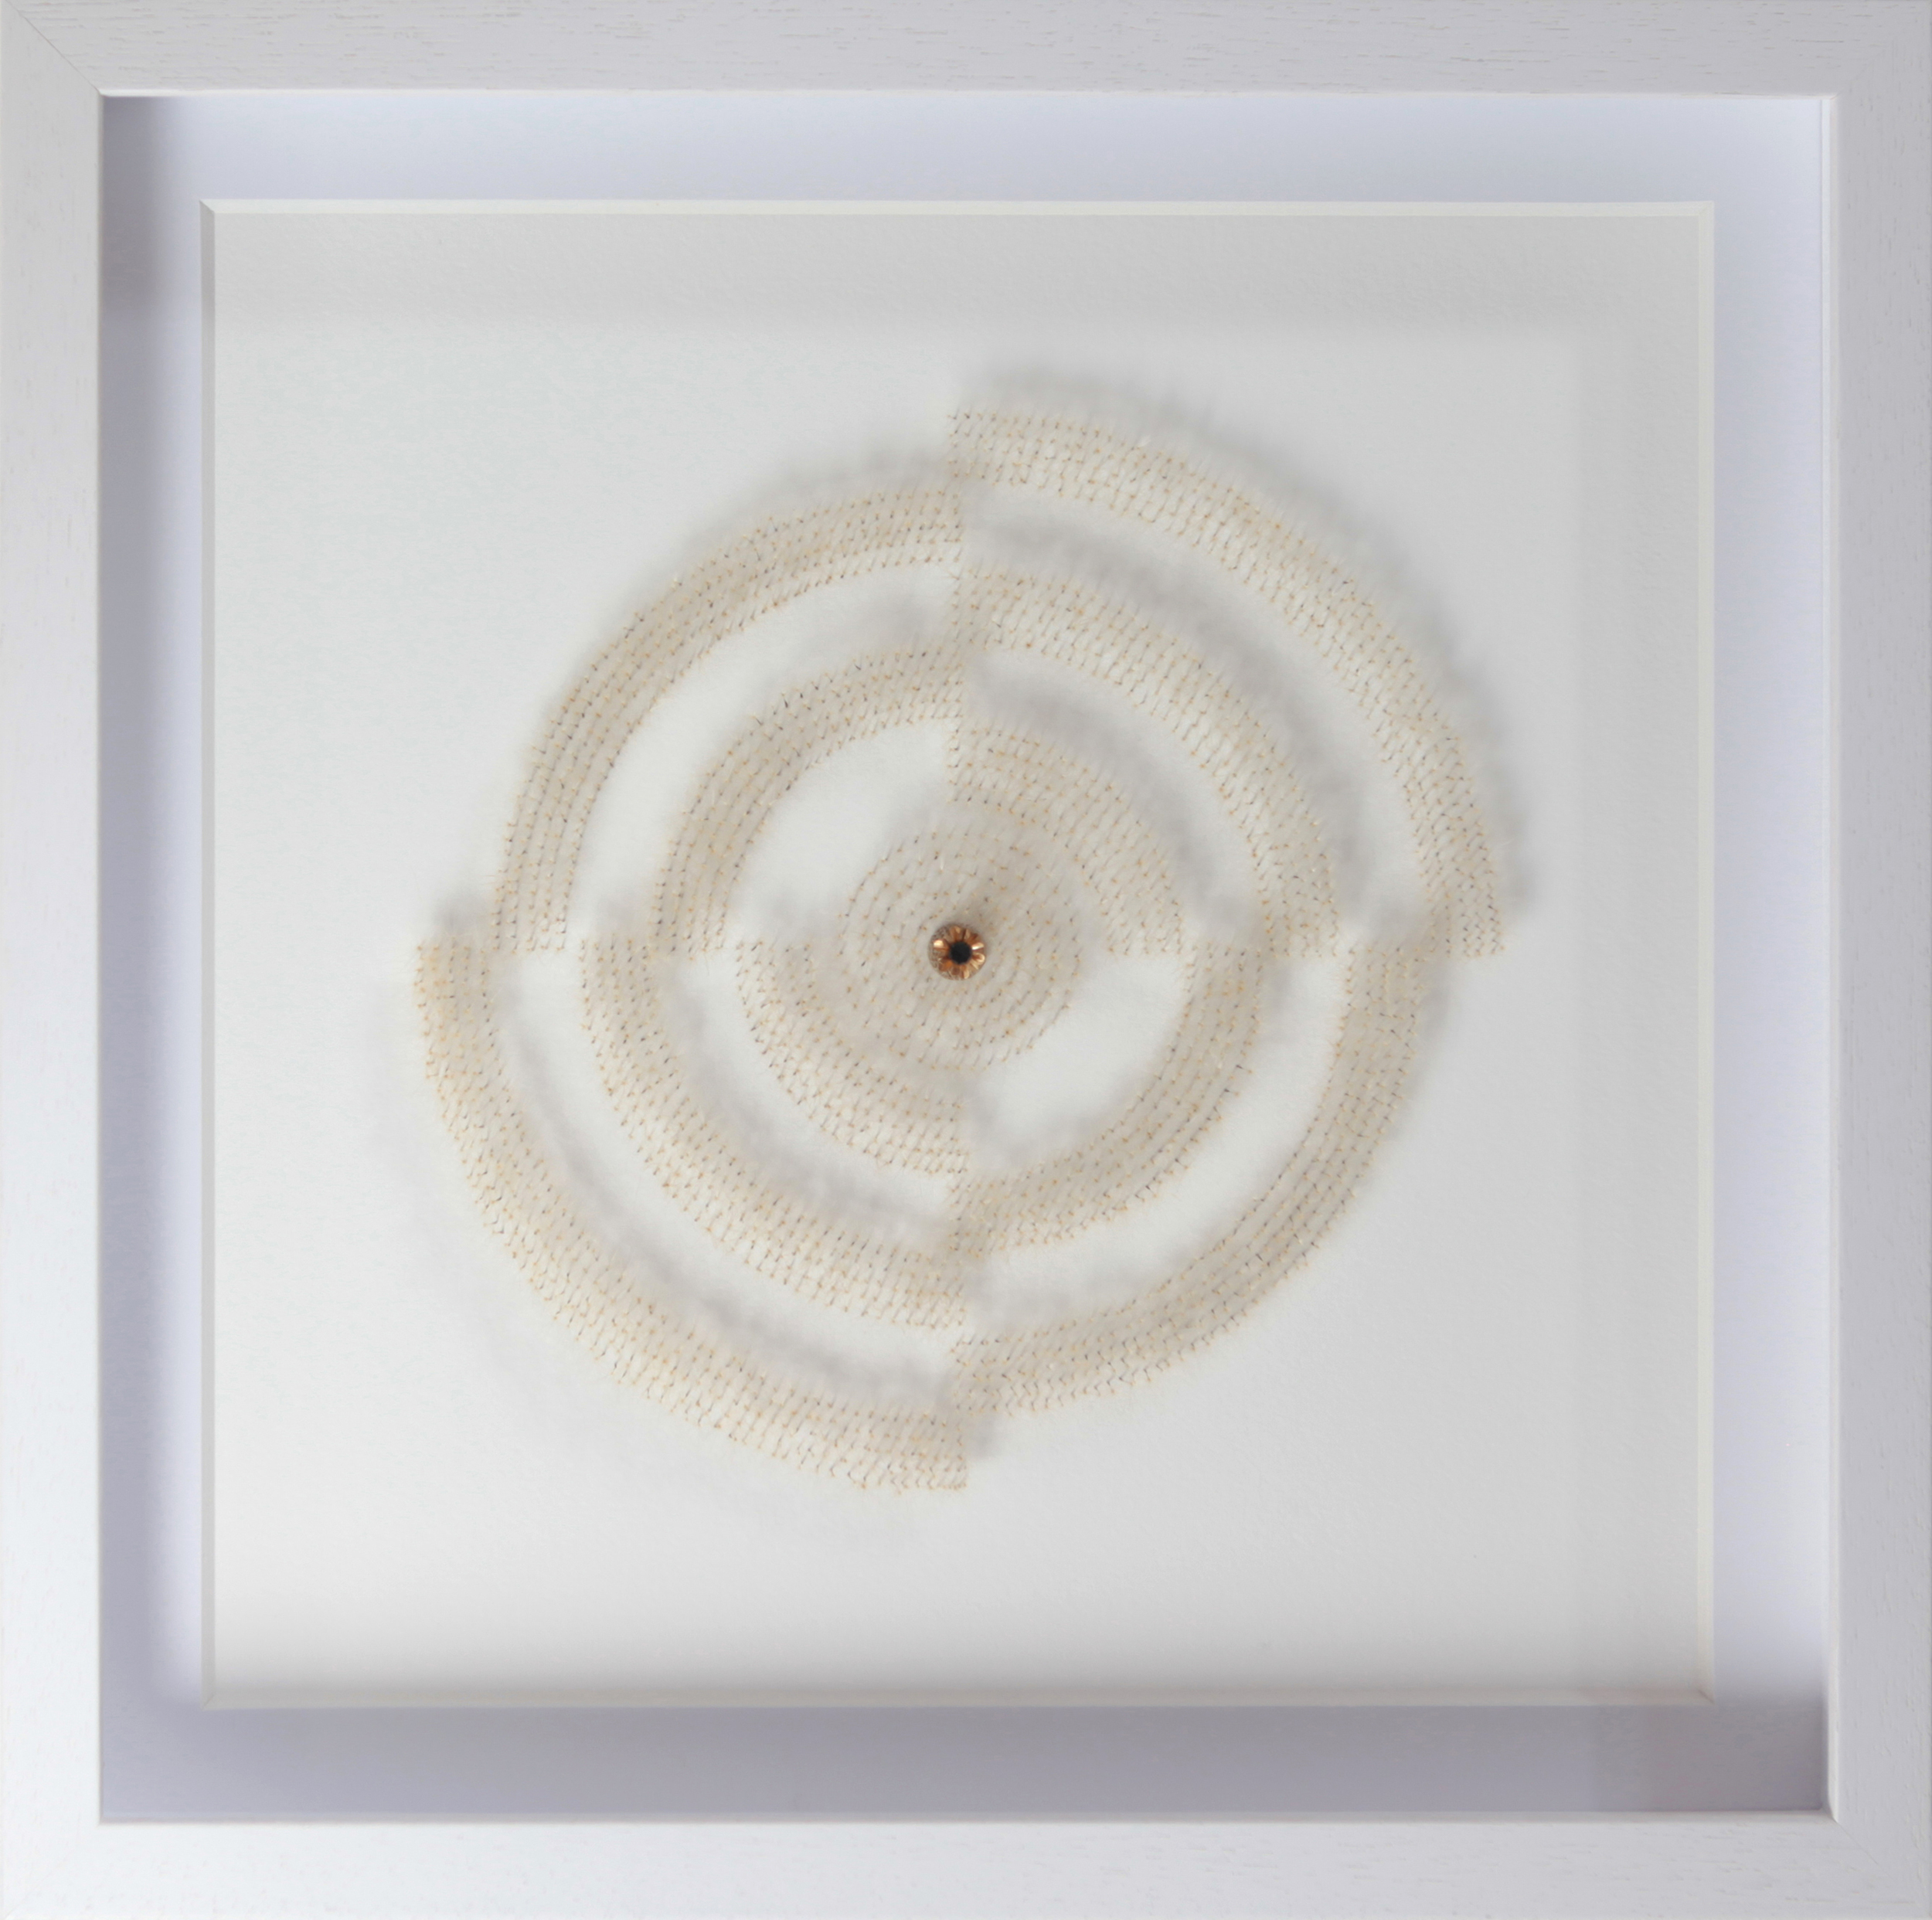 單色的蒲公英 #4    50 x 50  x 6 厘米